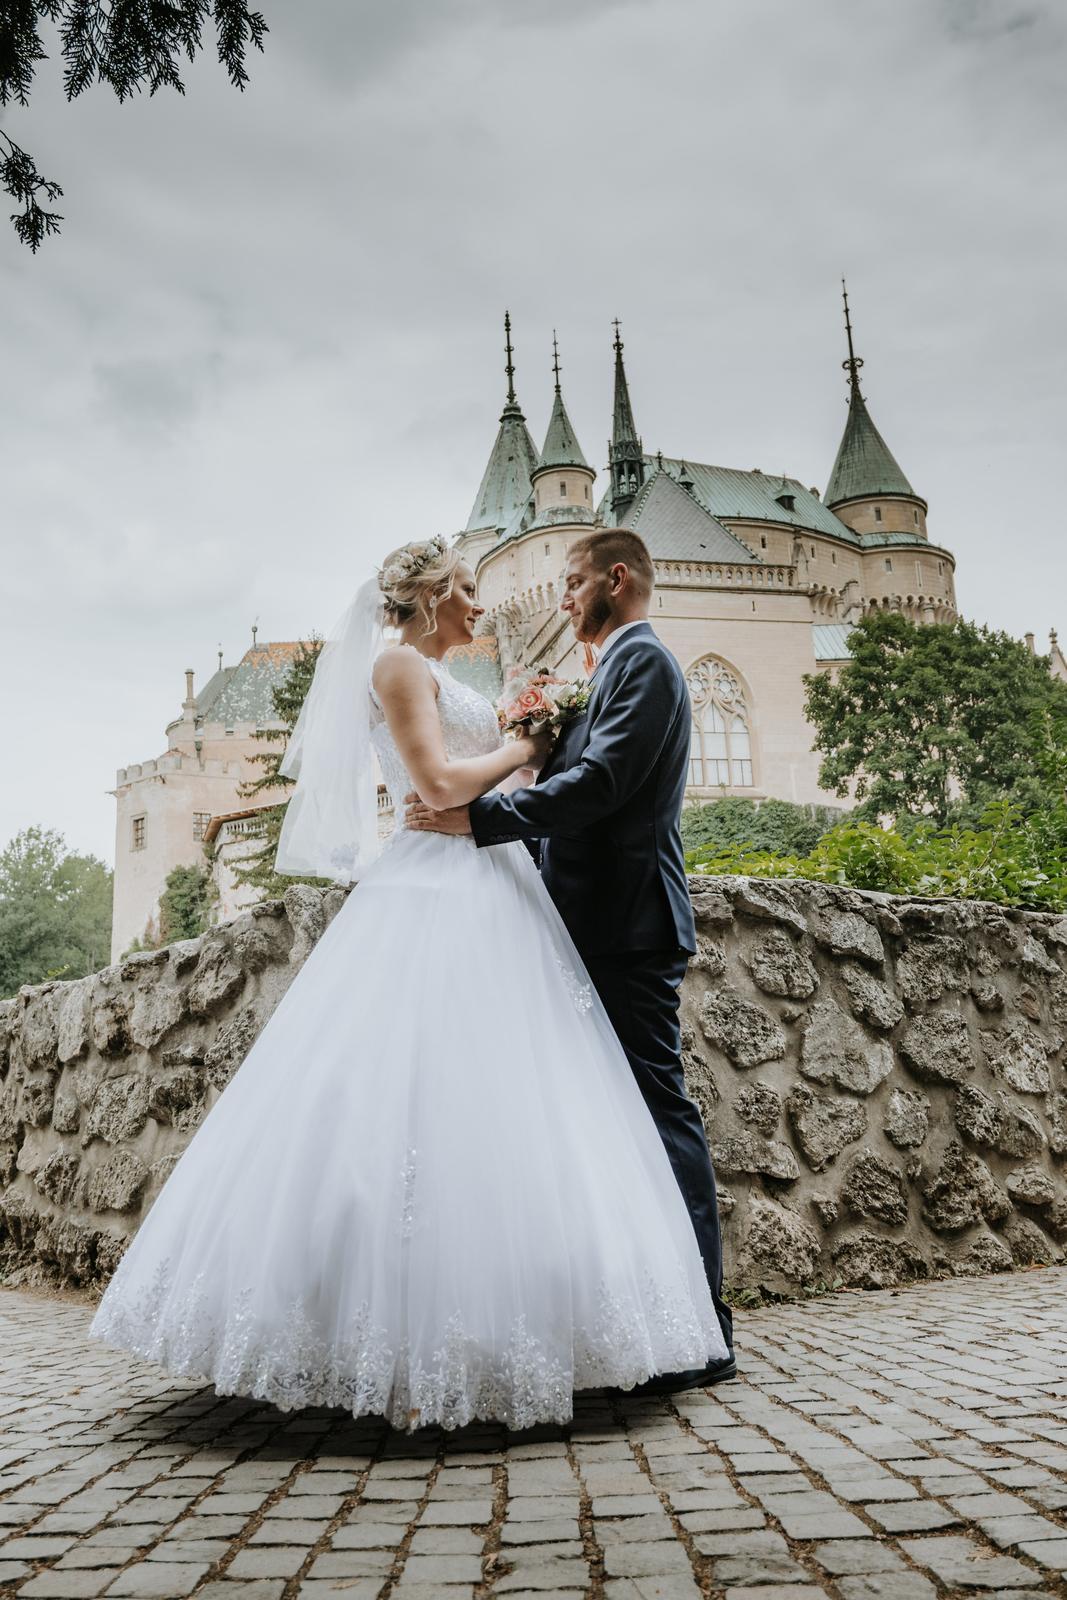 Svadobné šaty a doplnky. - Obrázok č. 1